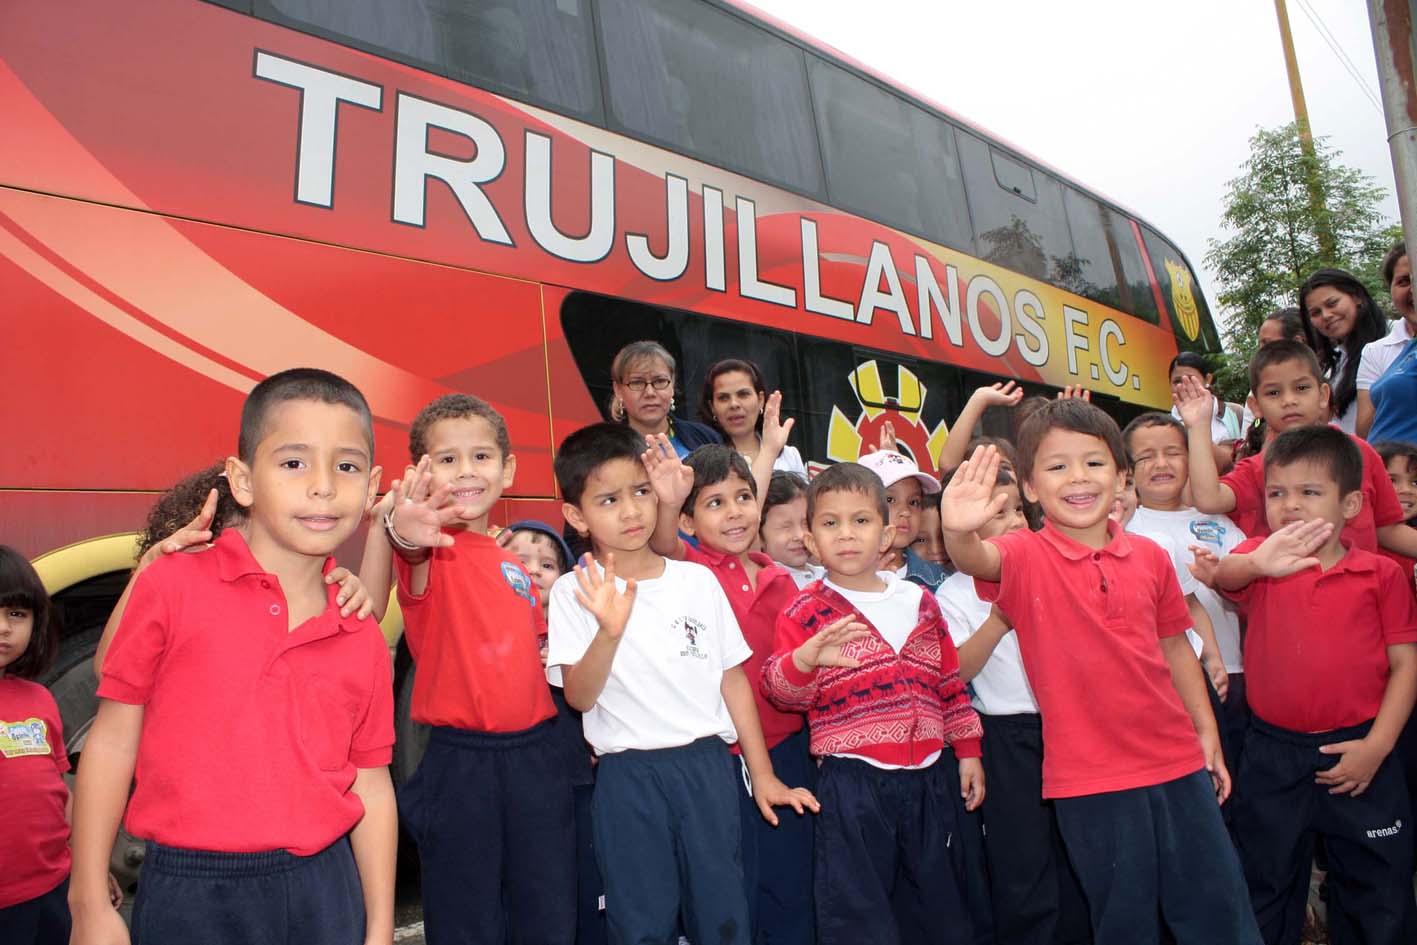 Trujillanos regal una sonrisa a los ni os del jard n de infancia la candelaria trujillanos fc - Tecnico jardin de infancia ...